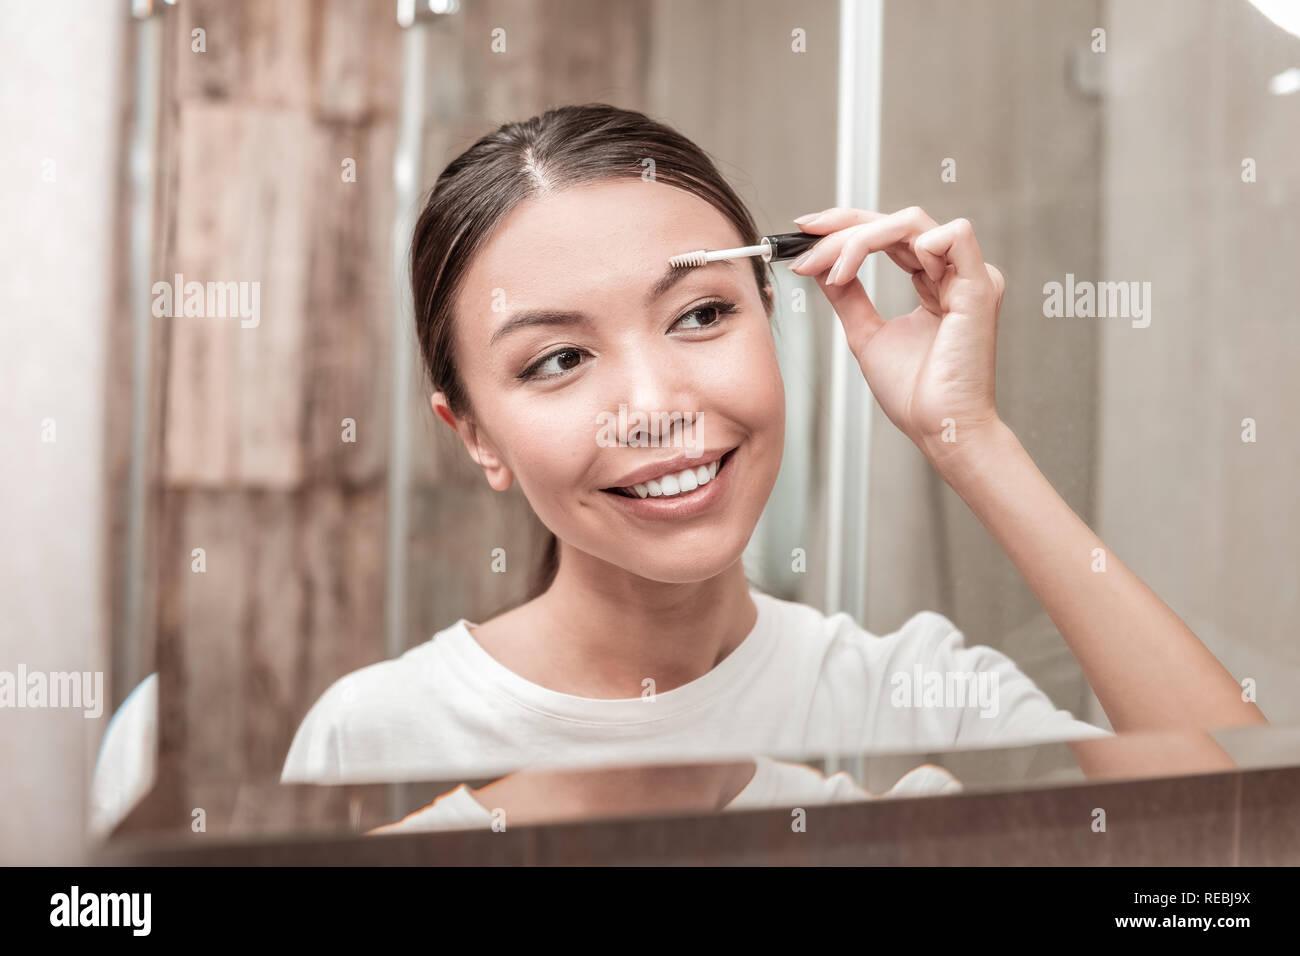 Morena empresaria usando mascara de gel para cejas Imagen De Stock